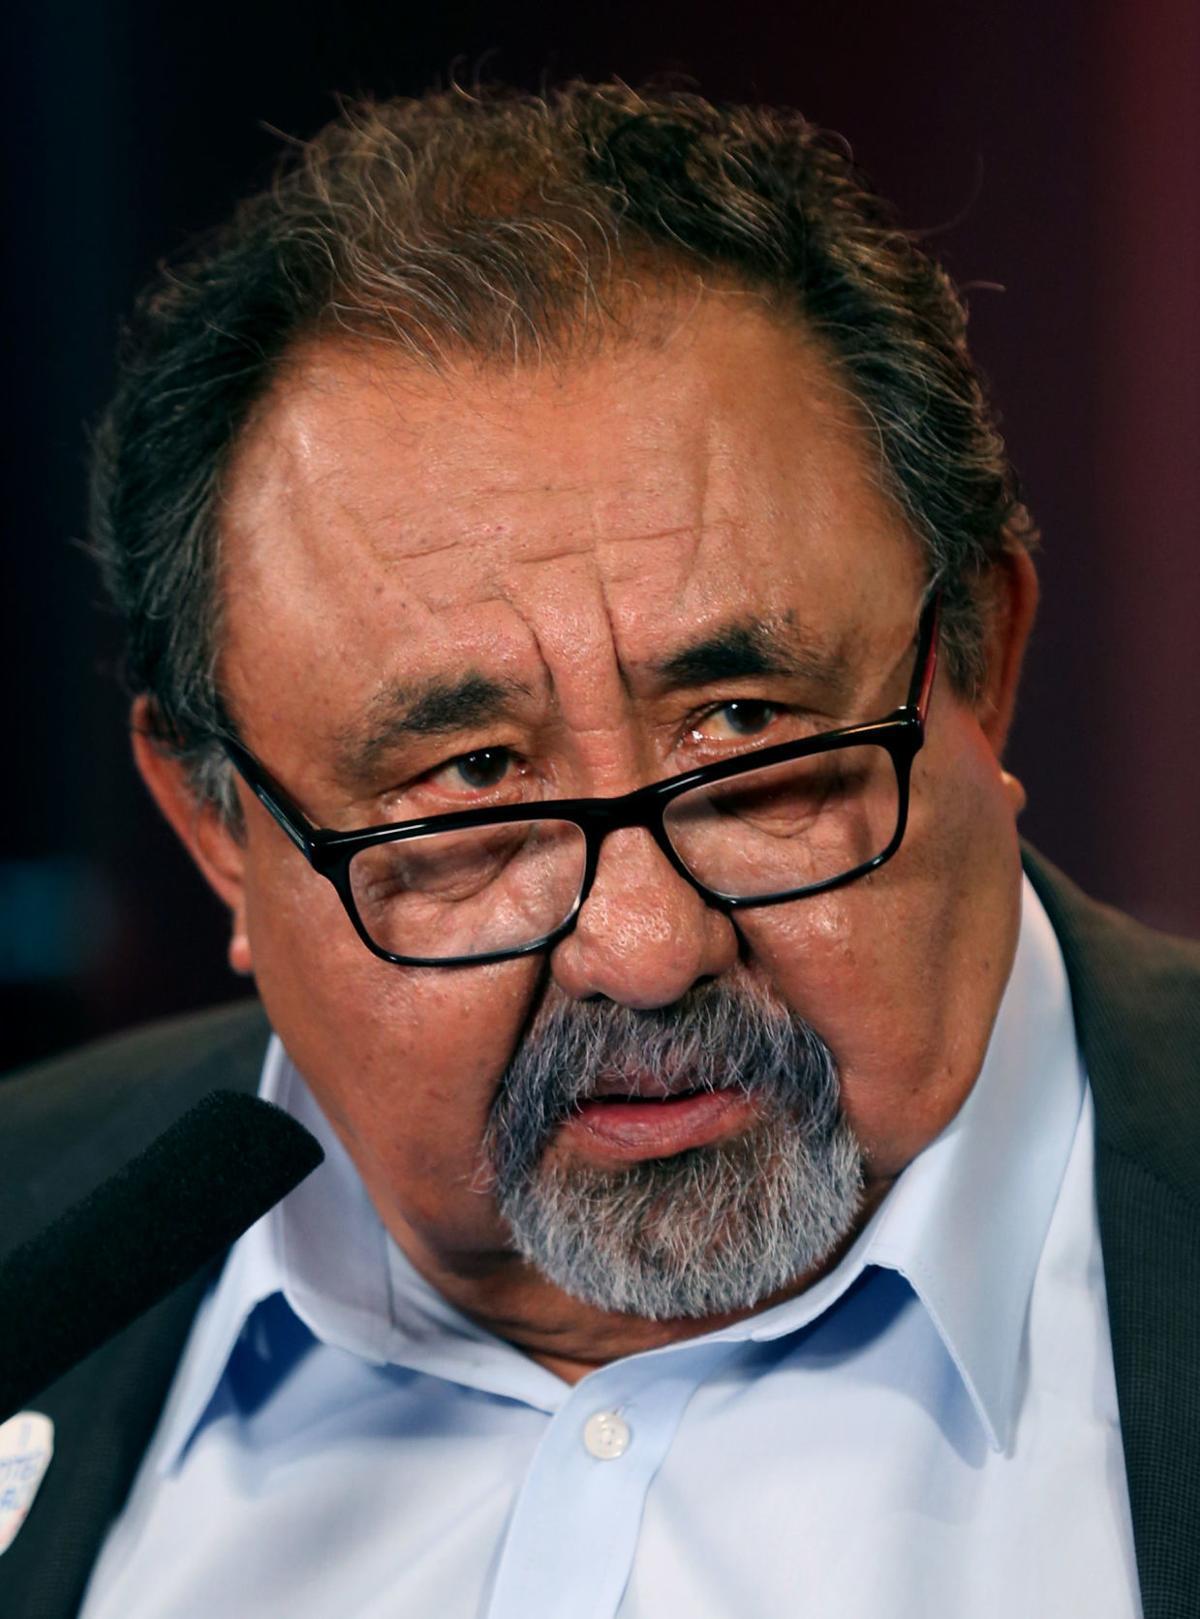 Rep. Raul Grijalva